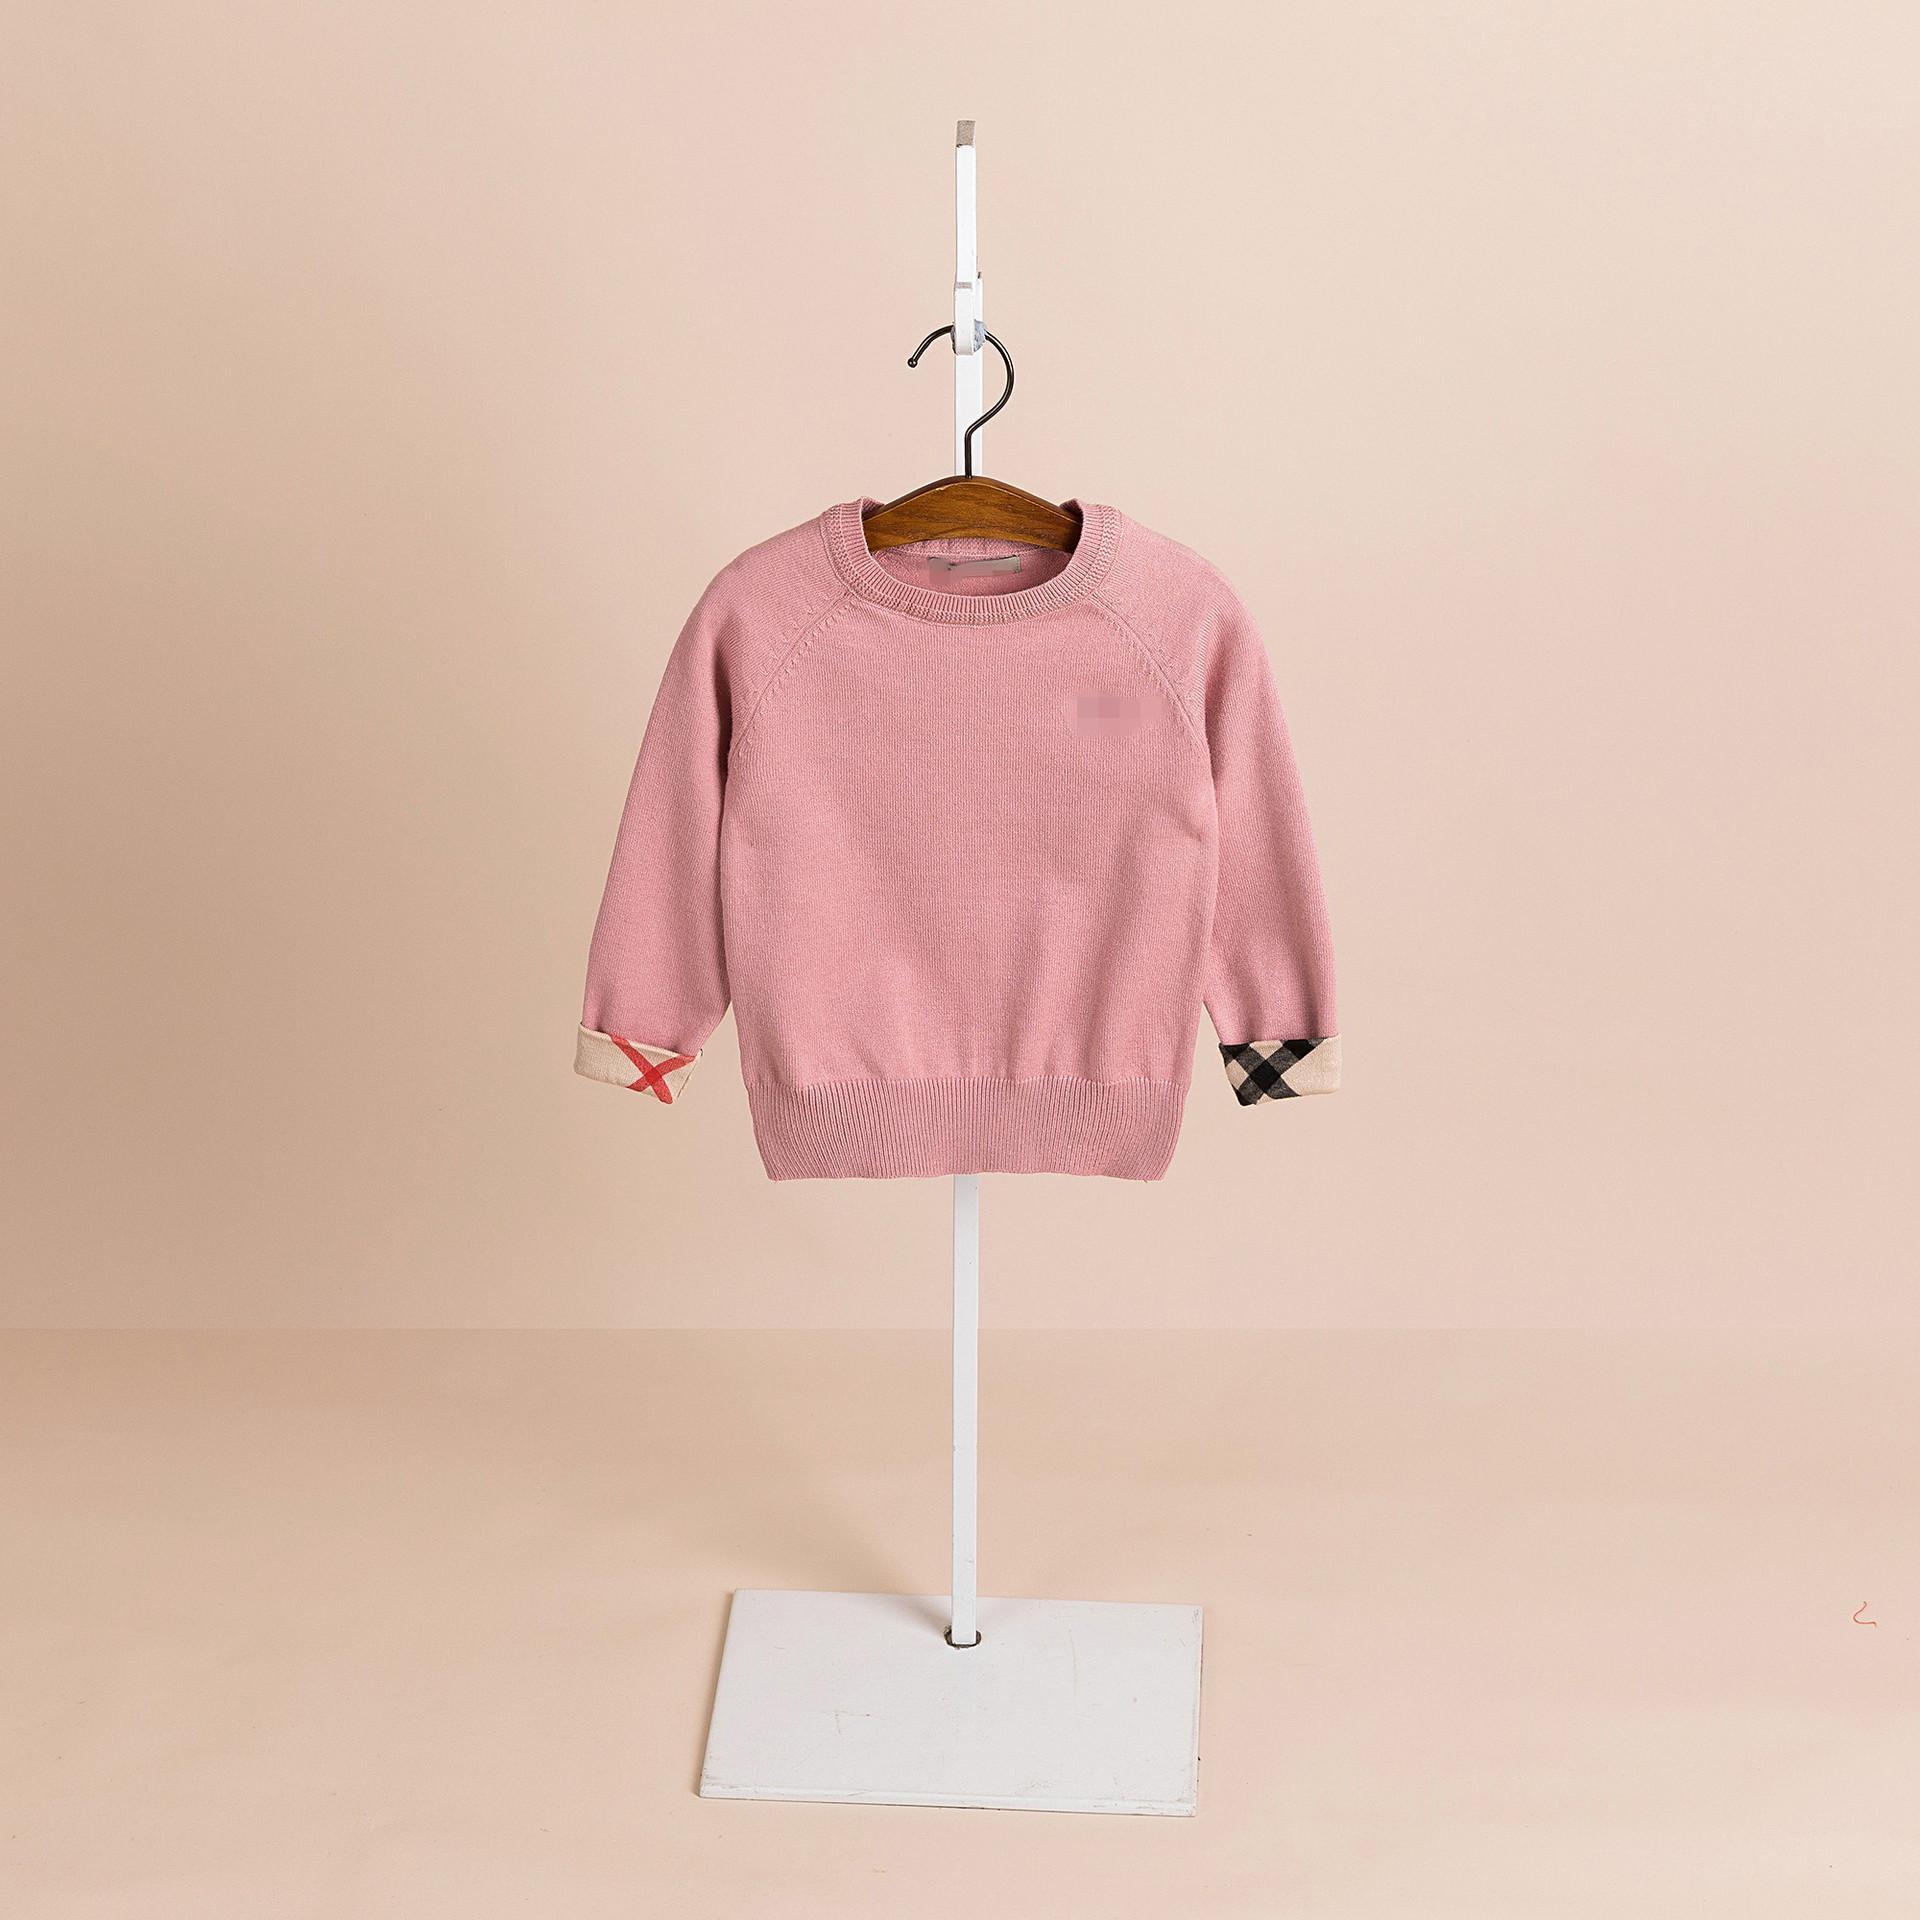 2019 التجارة الخارجية الجديدة سترة ملابس الأطفال الأكمام طويلة منقوشة البلوزات للأطفال الصلبة الفتيان والفتيات اللون الكشمير سترة